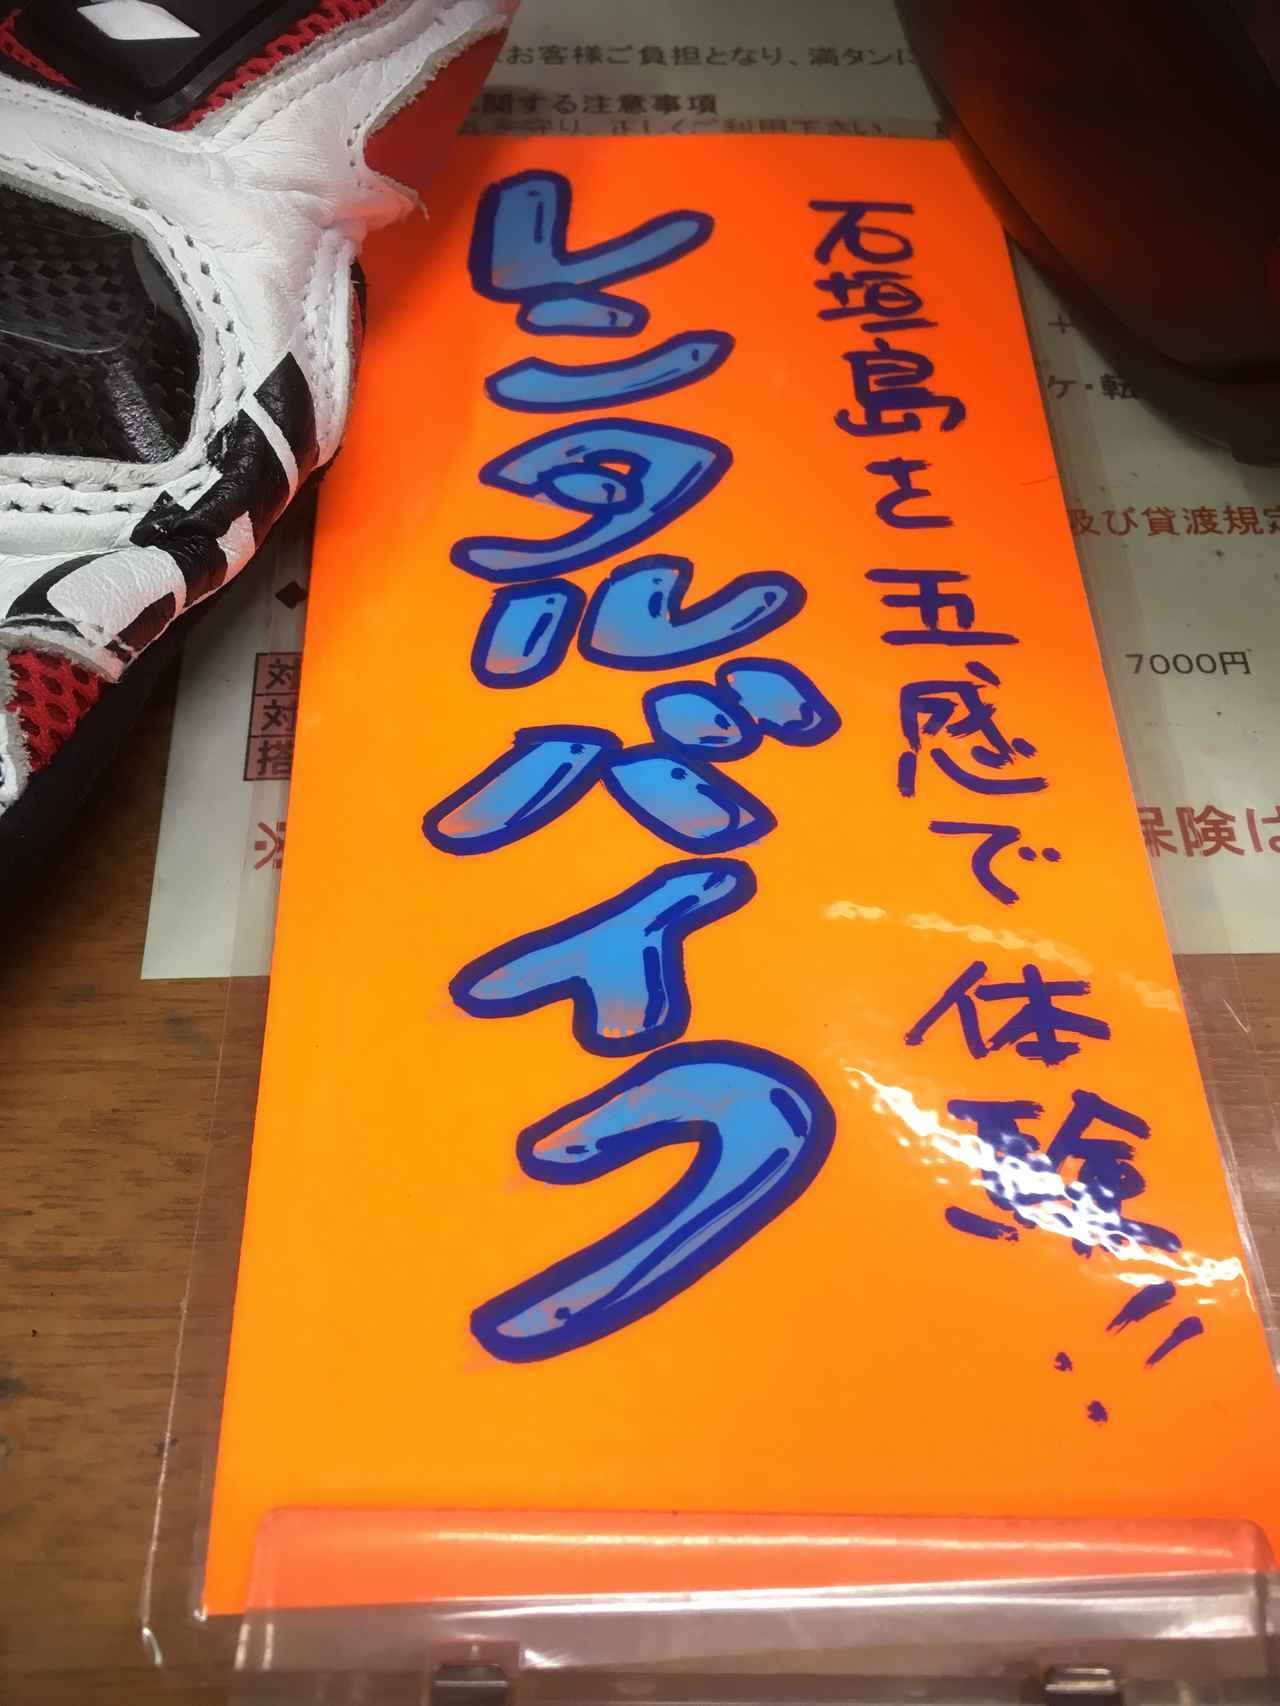 画像: 石垣島を五感で体験!! 手続きをして、さあ、あたしも五感を味わいに出発です